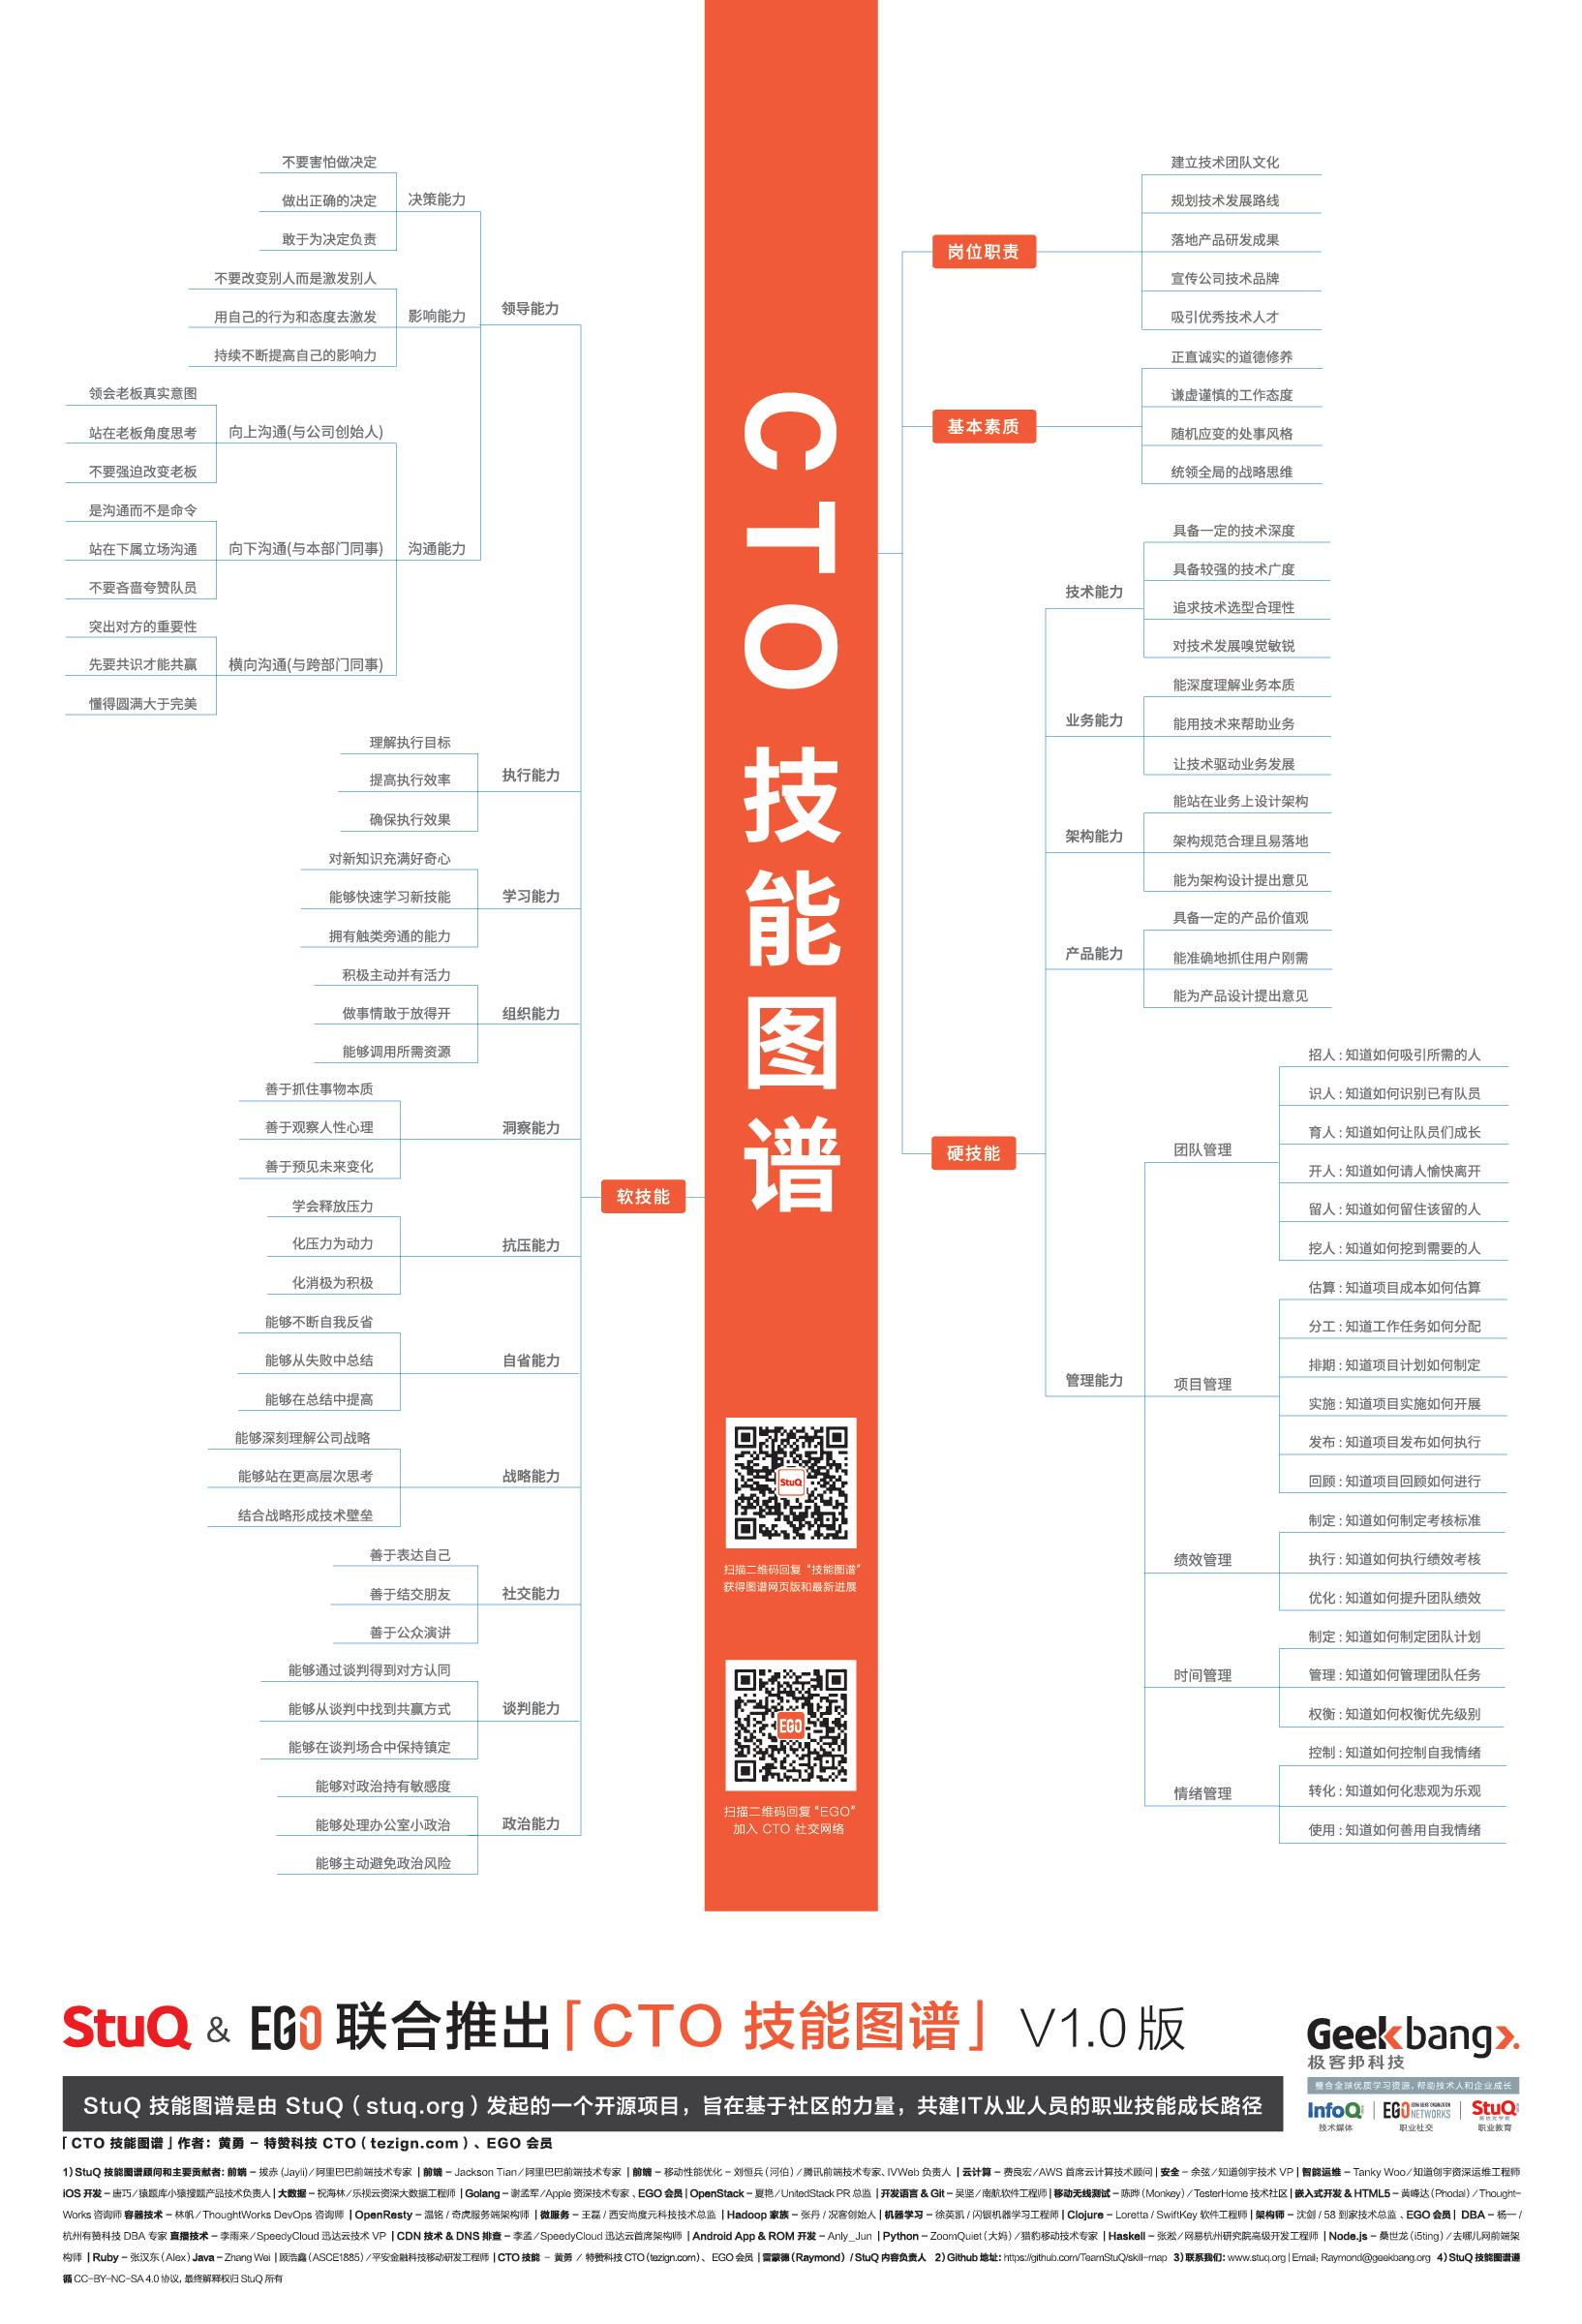 20181202_程序员技能图谱- CTO 技能by-StuQ.png